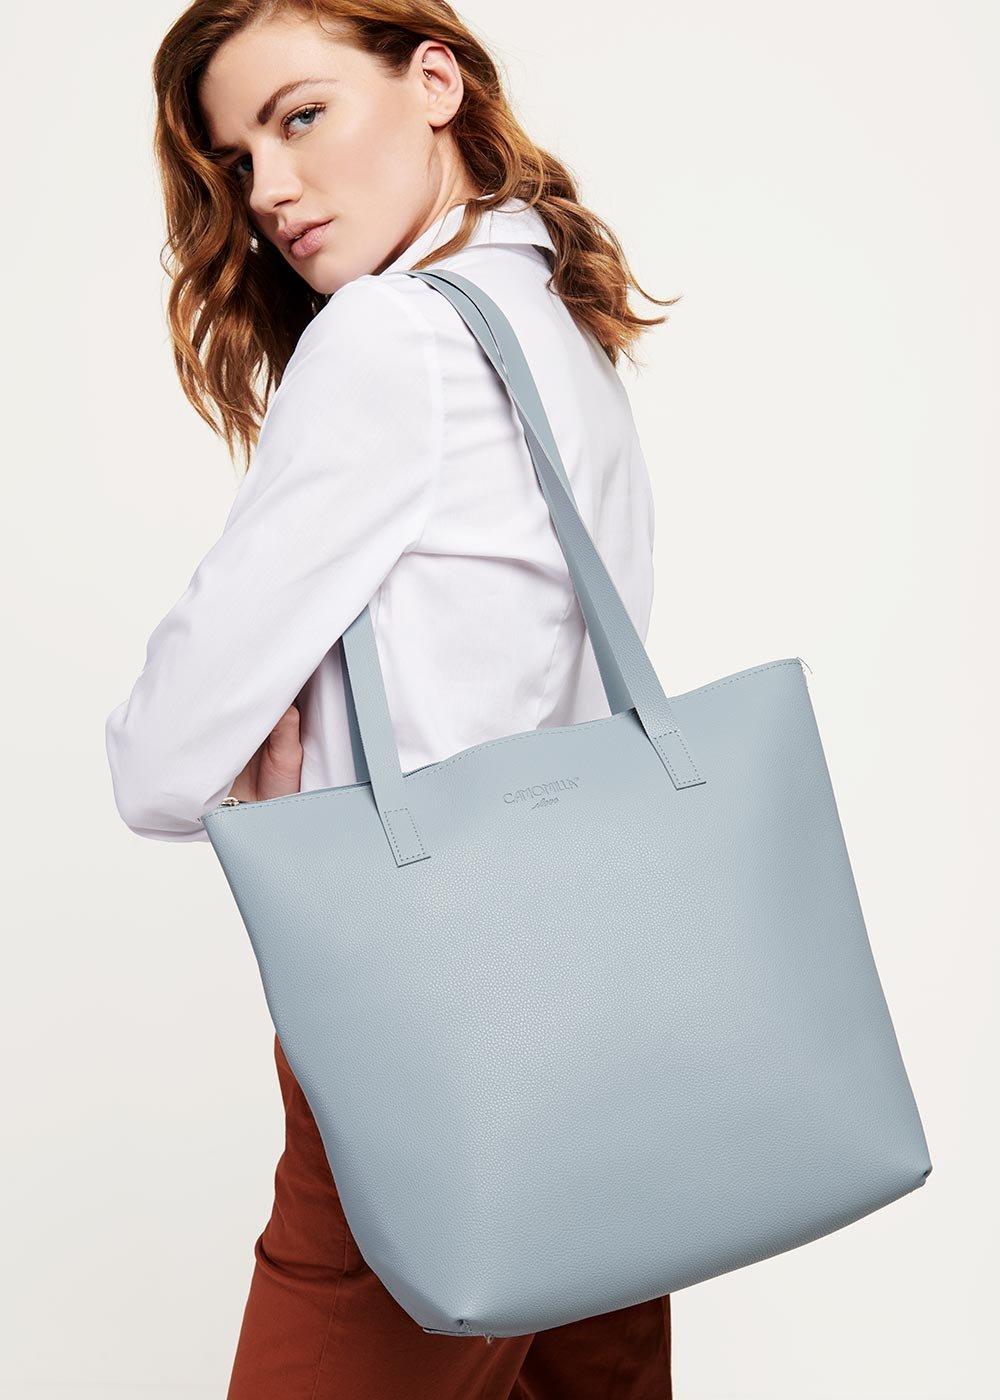 Shopping bag Bernadet in eco pelle - Fog - Donna